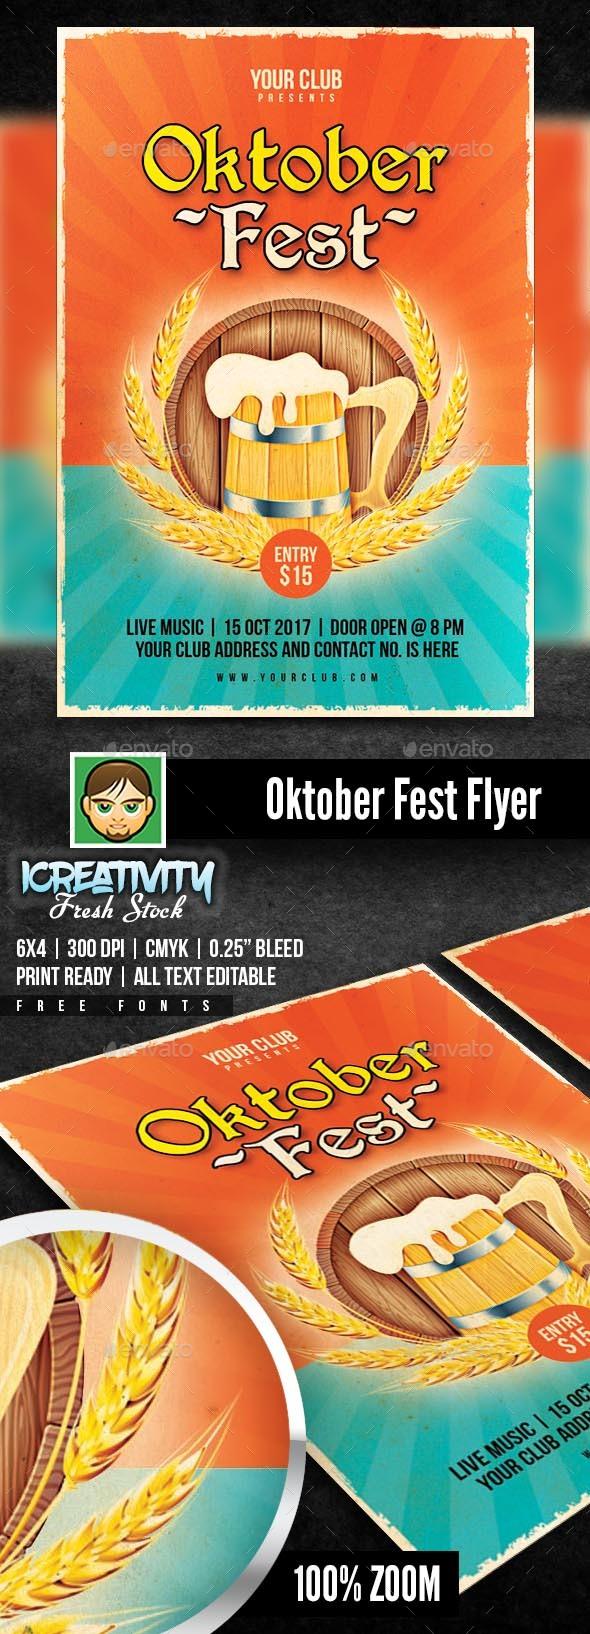 Oktober Fest - Flyers Print Templates